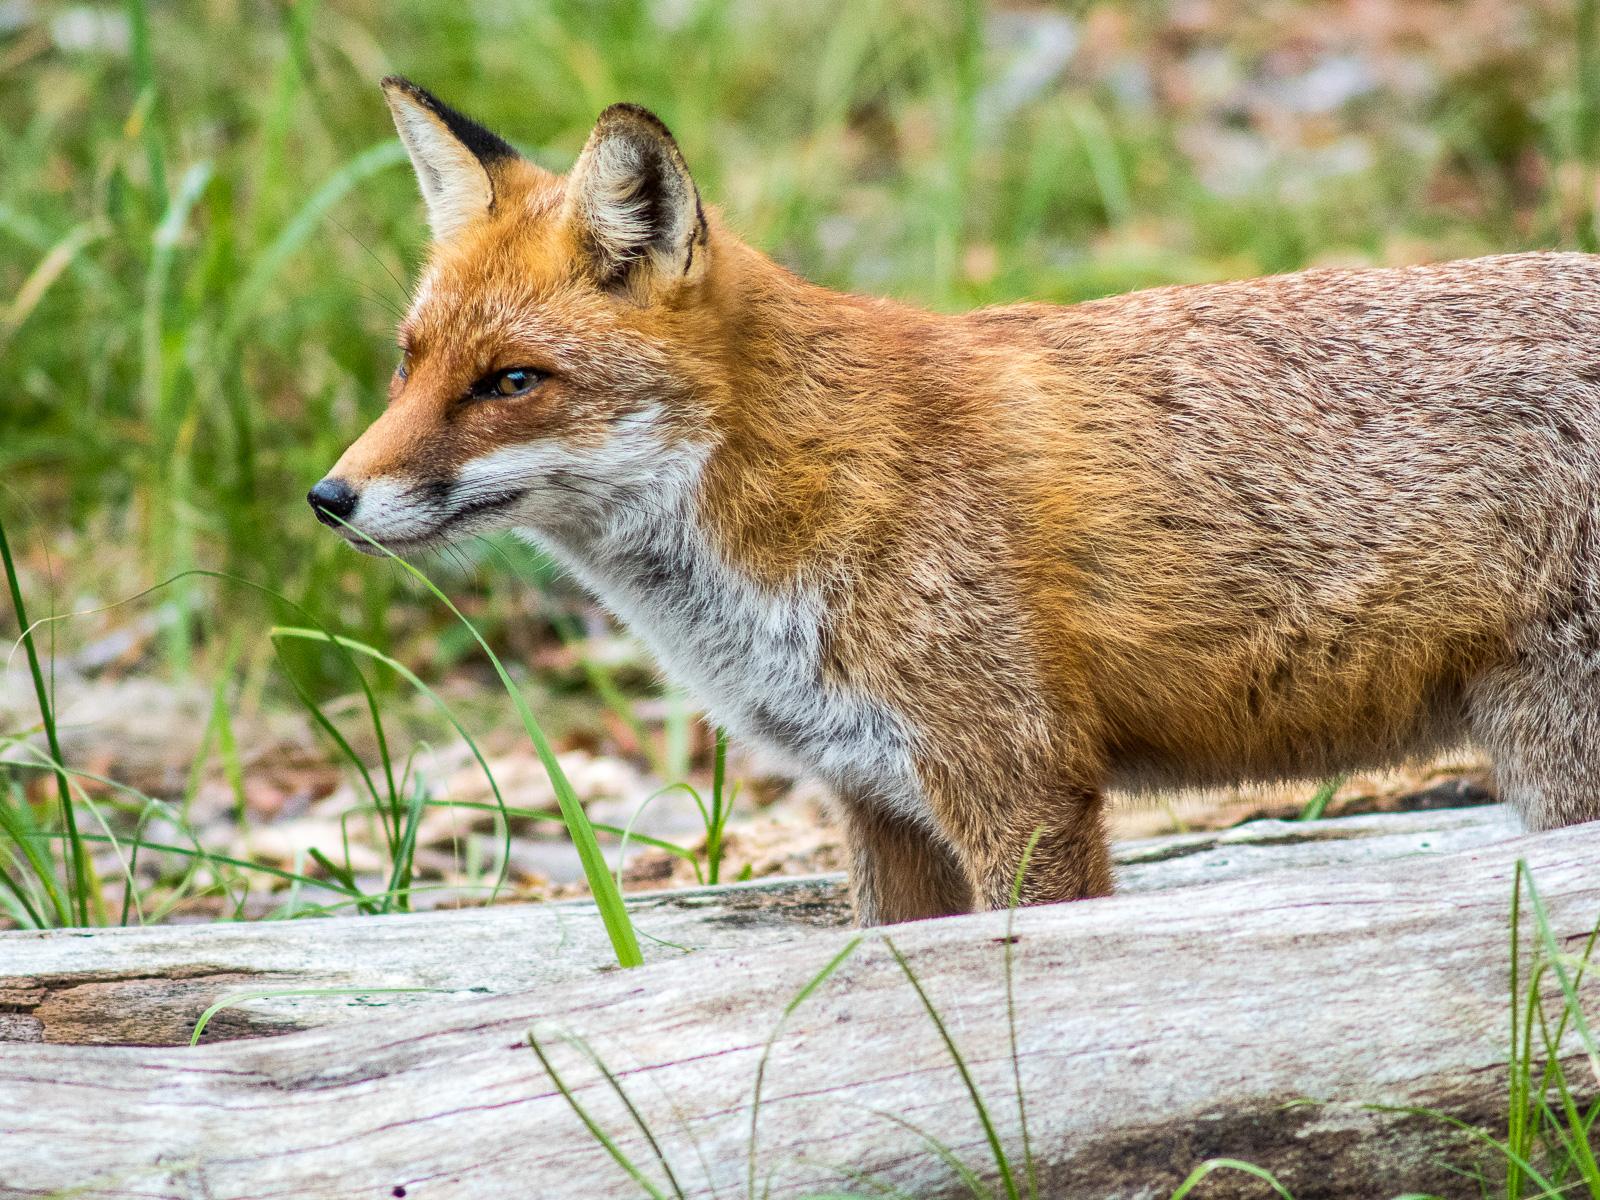 Fuchs am Darßer Weststrand, wachsam im Gras stehend